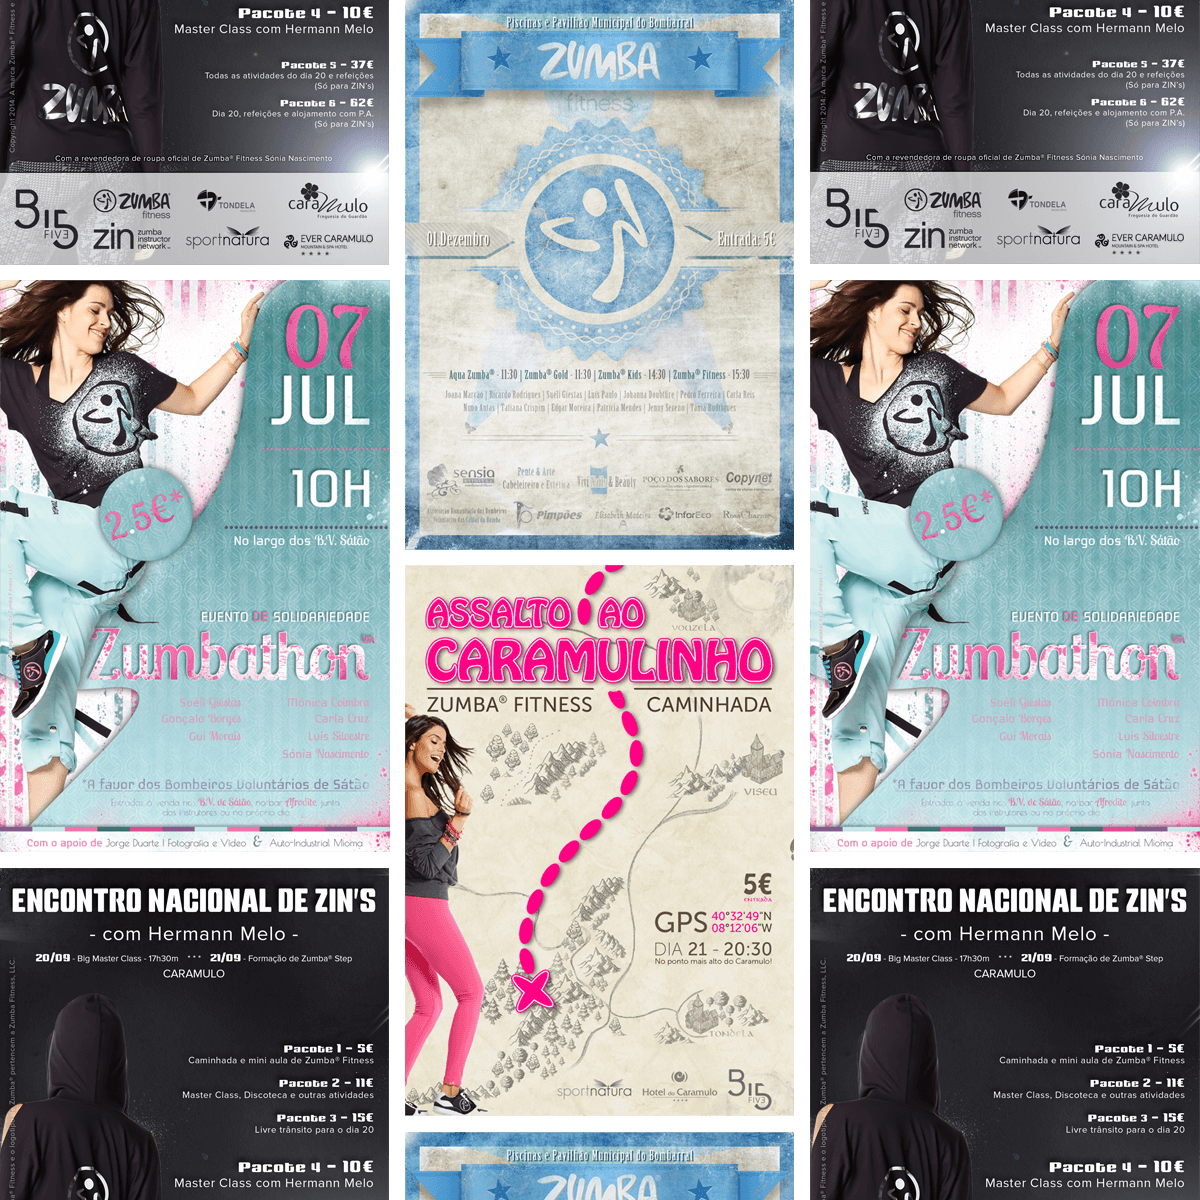 Zumba poster design - Zumba Poster Design 45